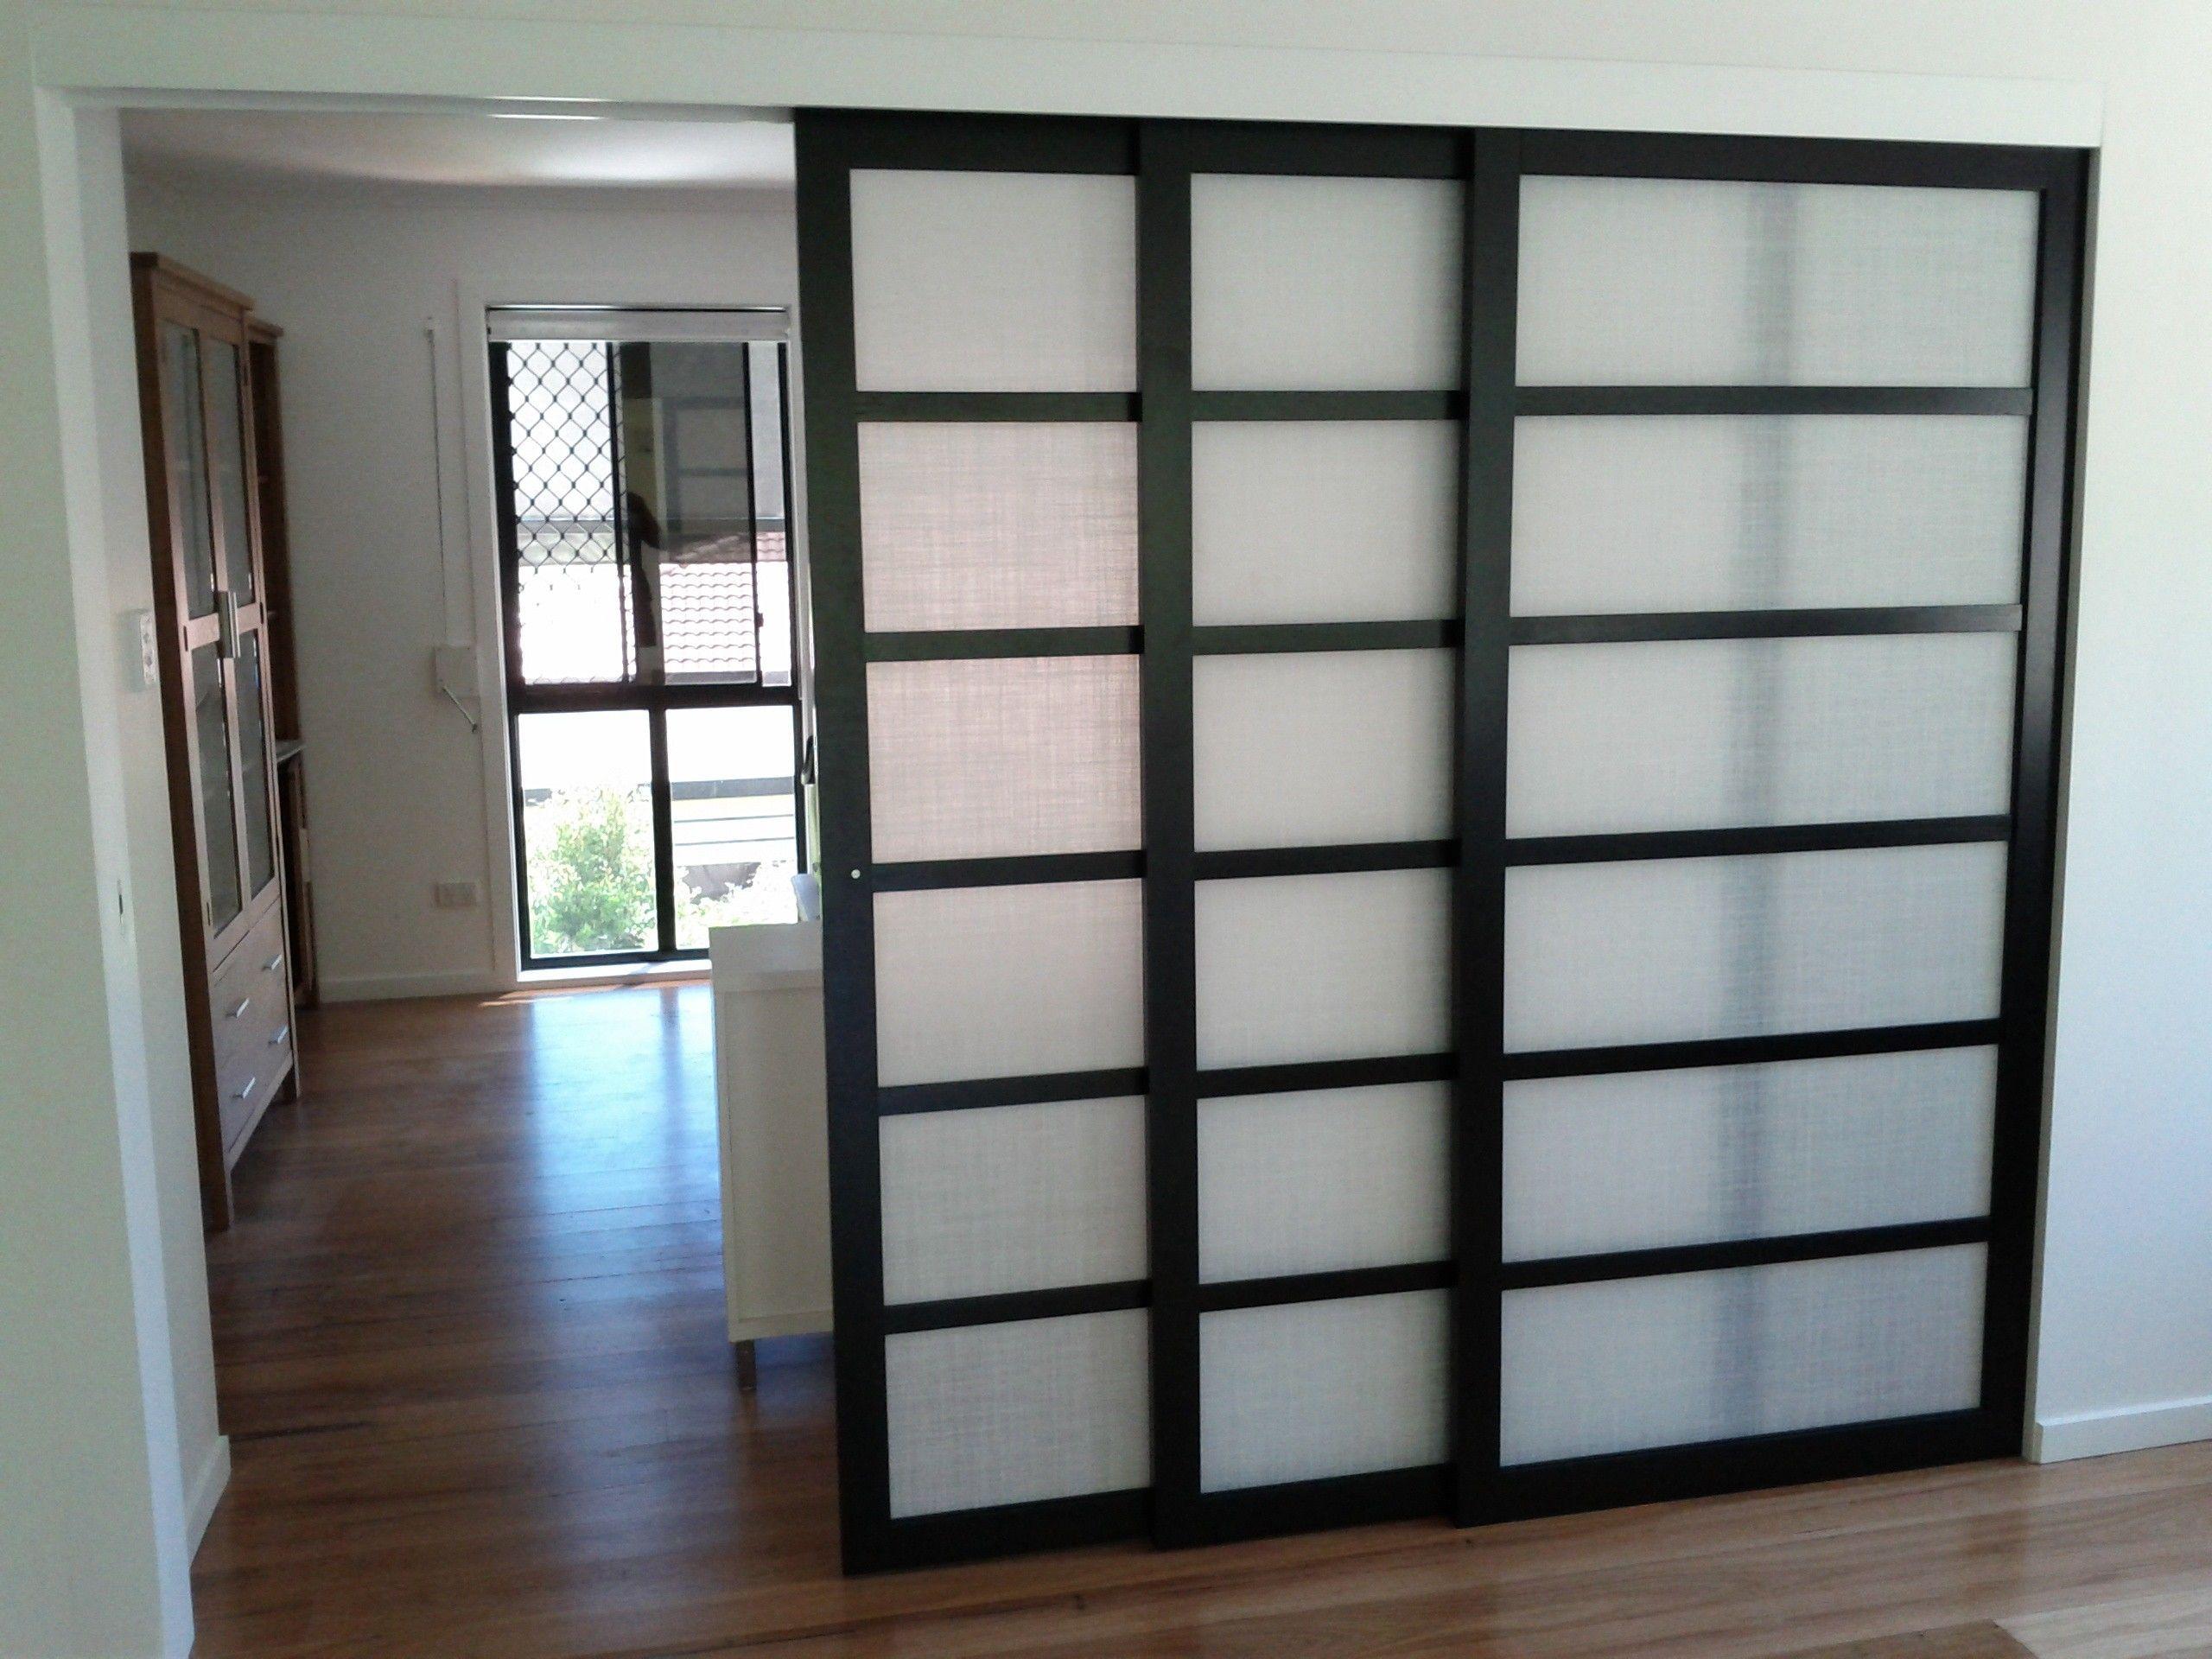 Door Divider Ideas Idea Sliding Room Dividers Captivating Sliding Panel Room Divider